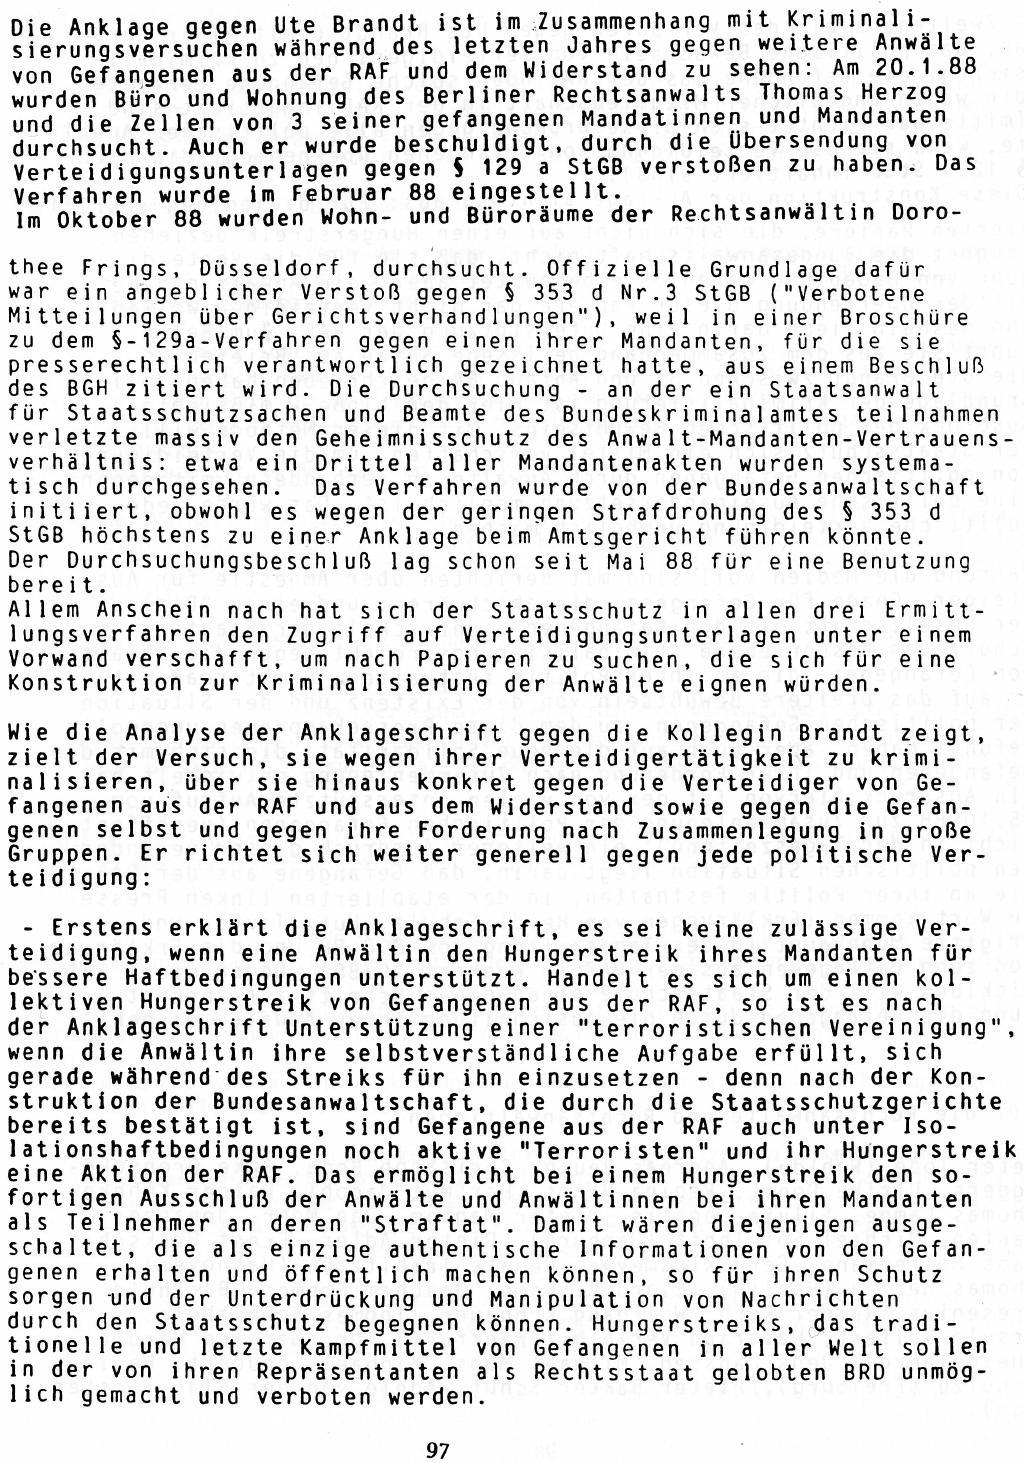 Duesseldorf_1989_Sechs_Politische_Gefangene_097